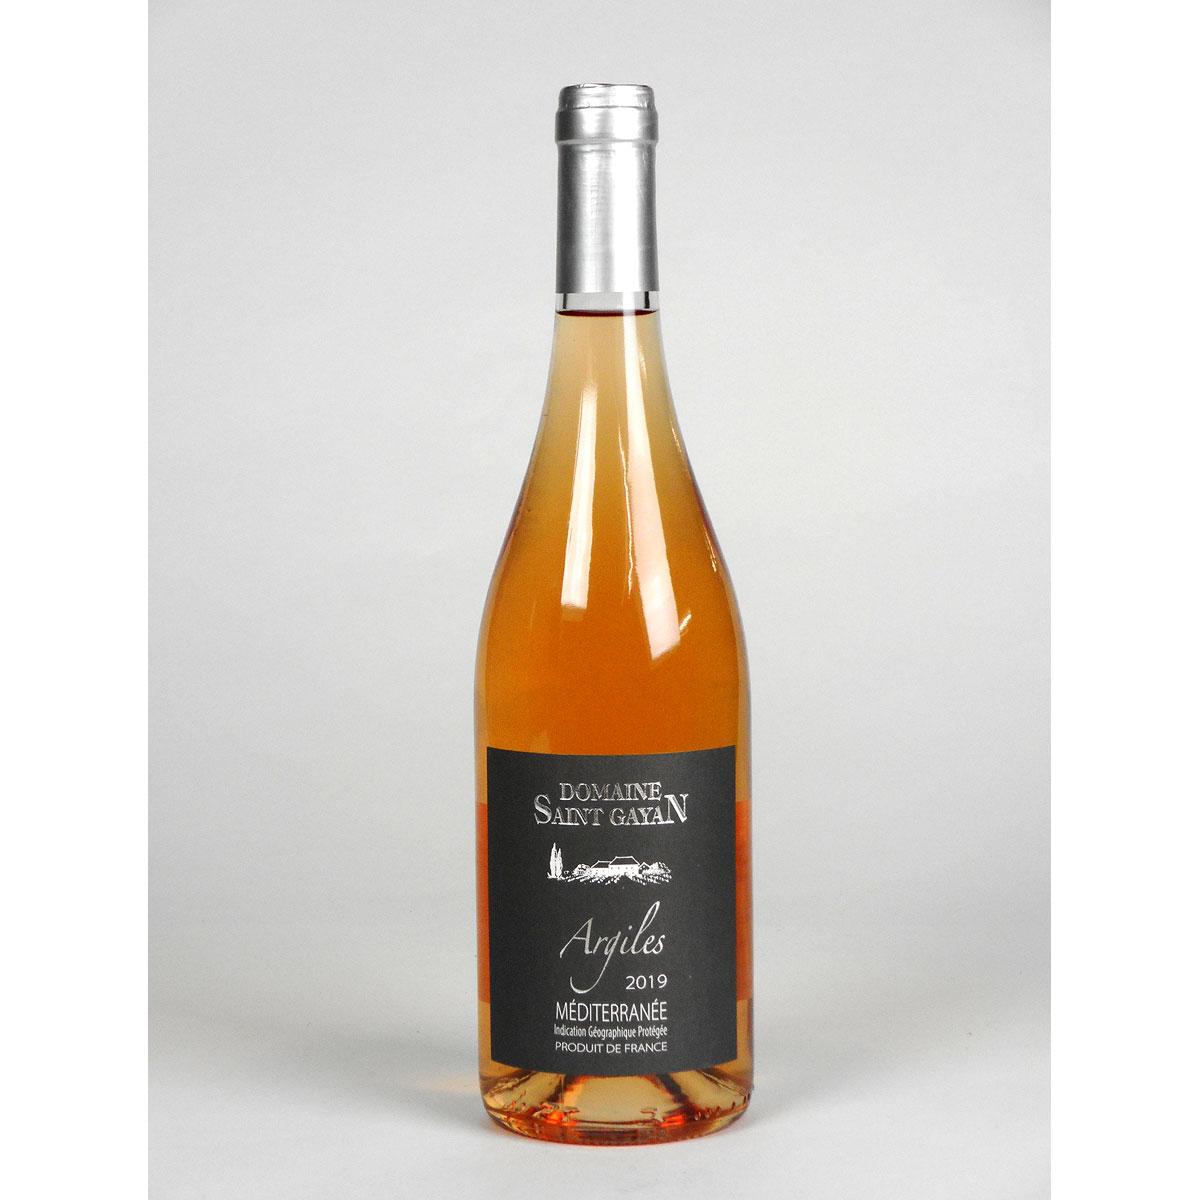 IGP Méditerranée: Domaine Saint Gayan 'Argiles' Rosé 2019 - Bottle